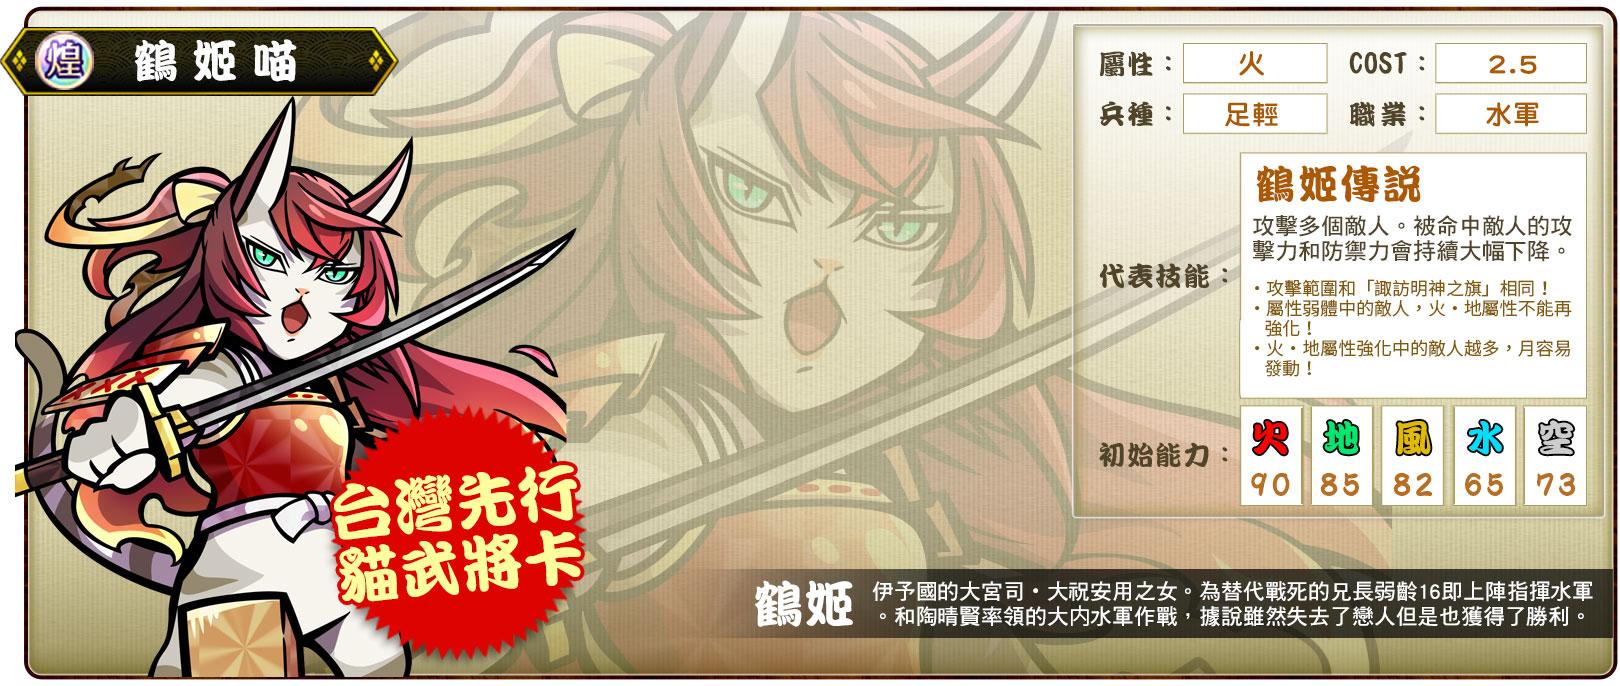 ▲全球首發的煌卡「鶴姬喵」,代表技能「鶴姬傳說」